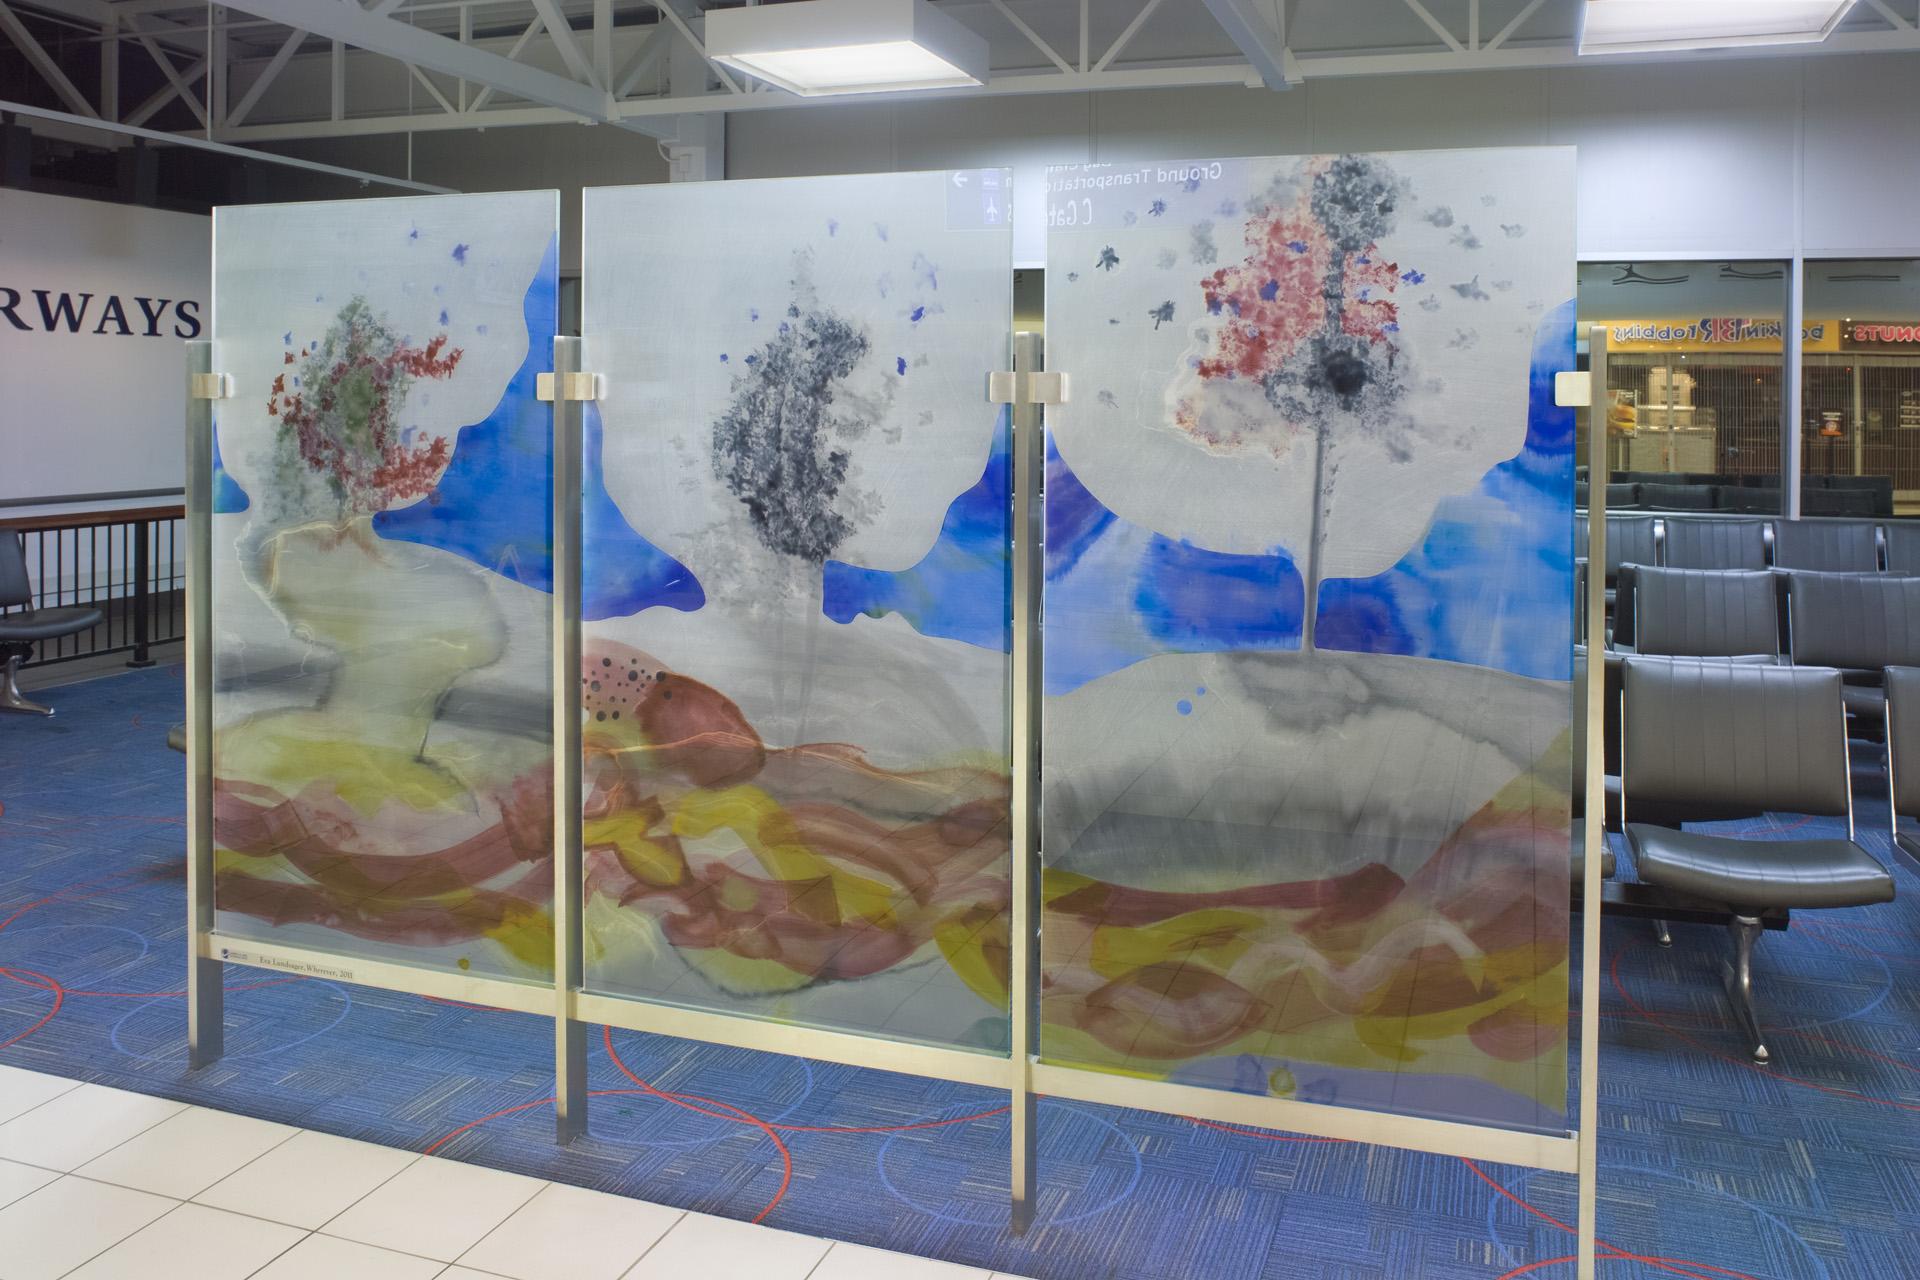 Wherever, 2012  glass  5 feet 6 inches x 9 feet  Lambert International Airport, Saint Louis